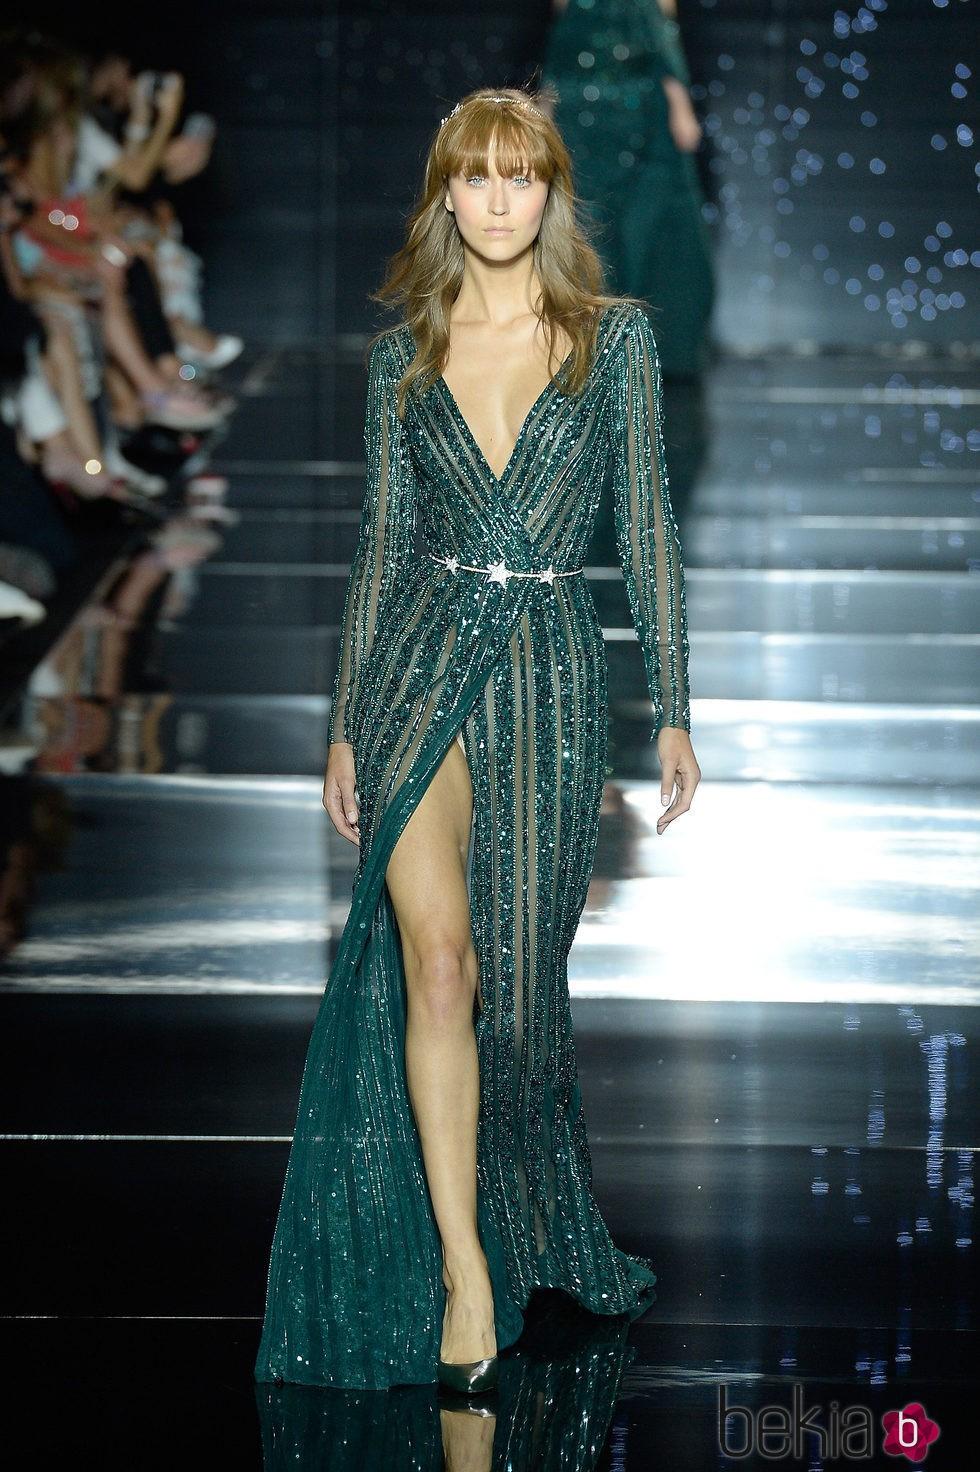 Vestido verde esmeralda de manga larga y abertura en la